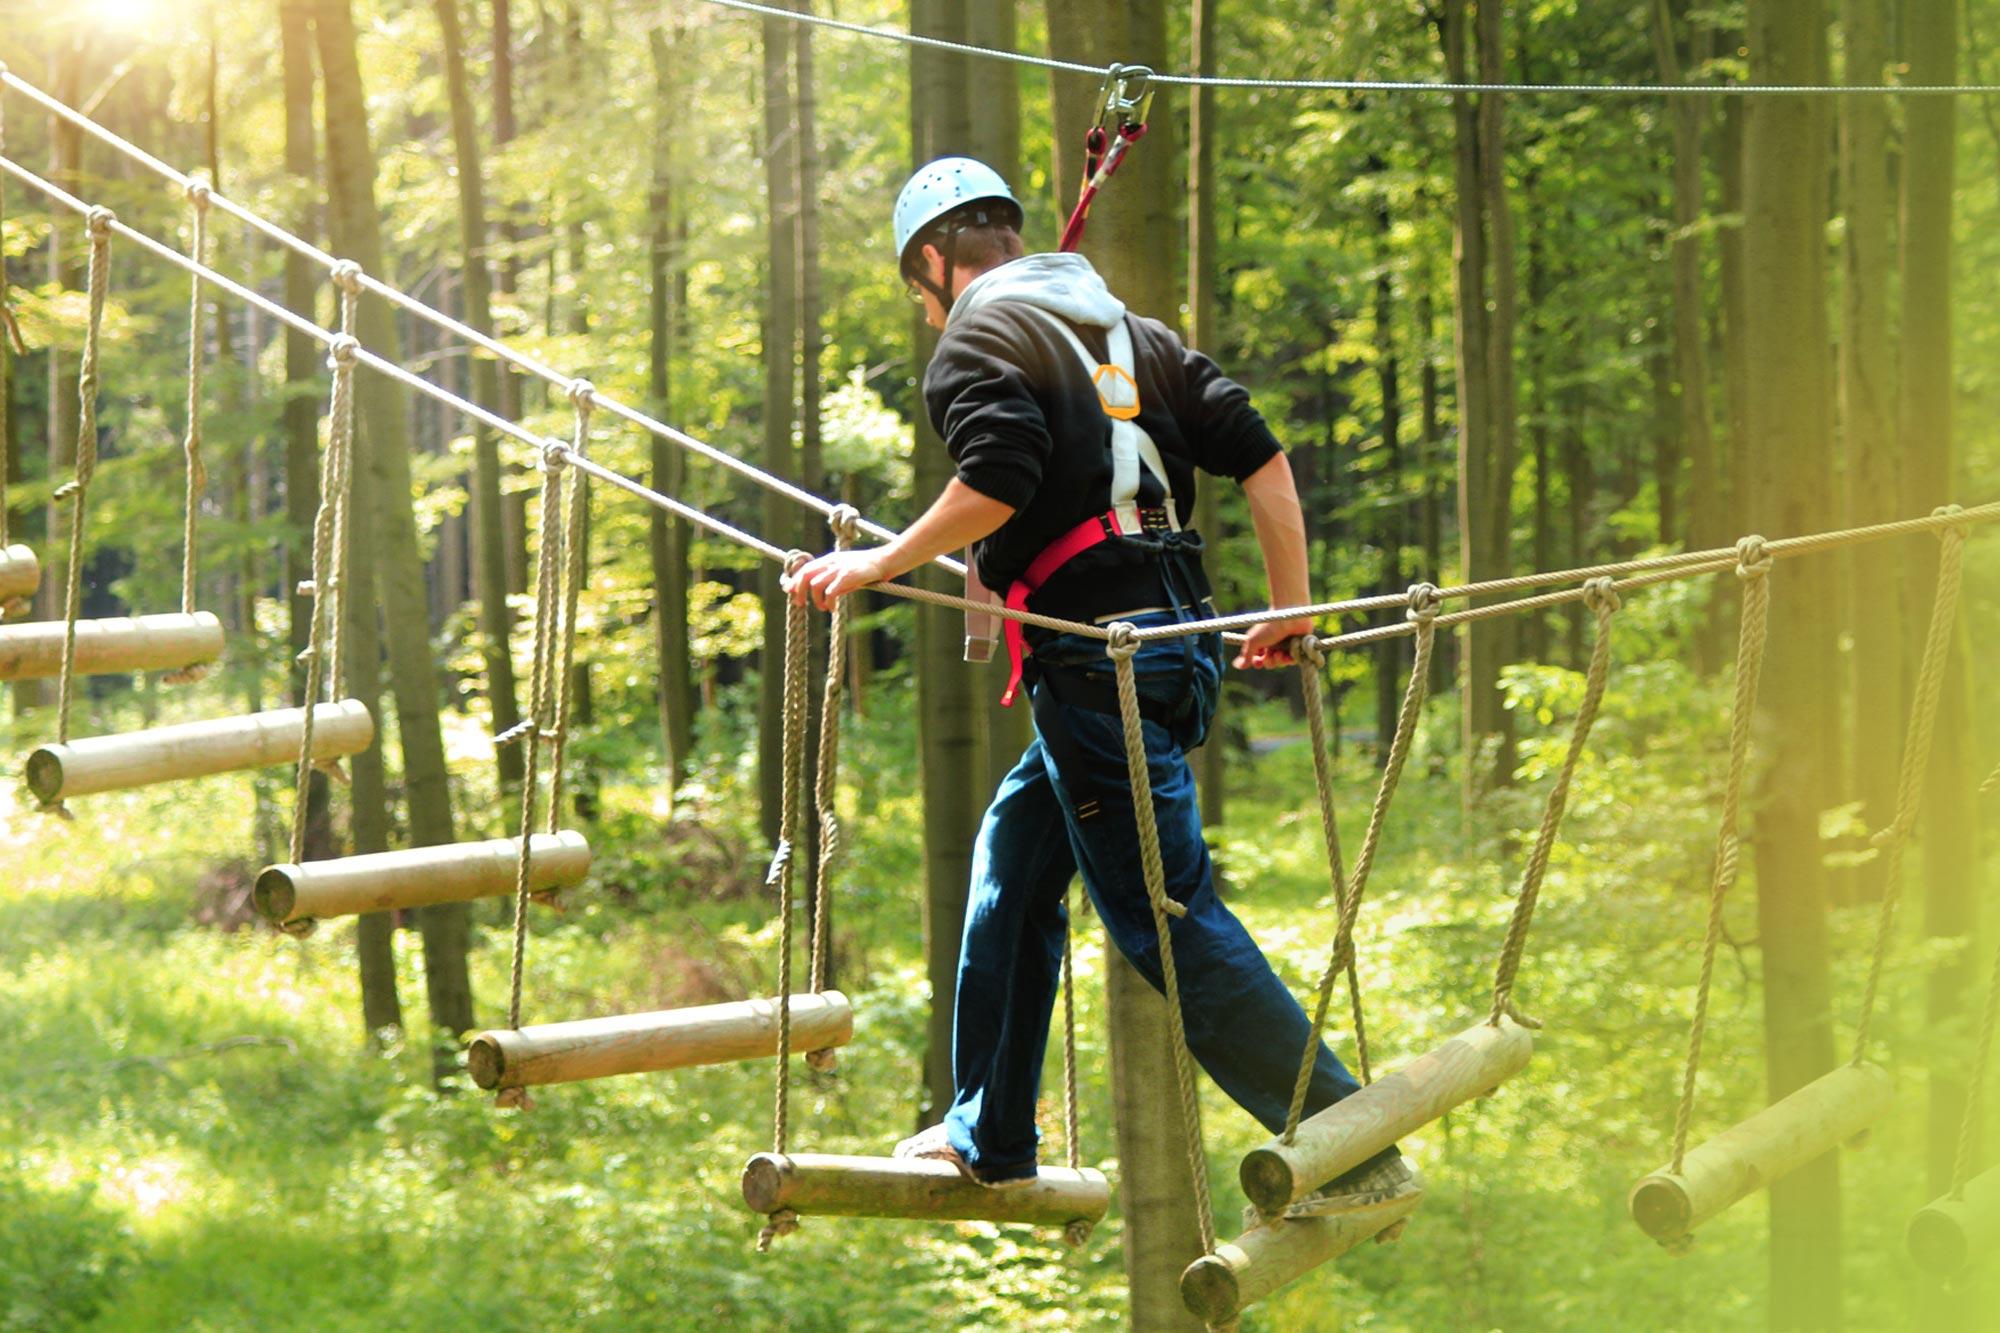 Outdoor-Aktivität im Kletterpark für Actionfans.